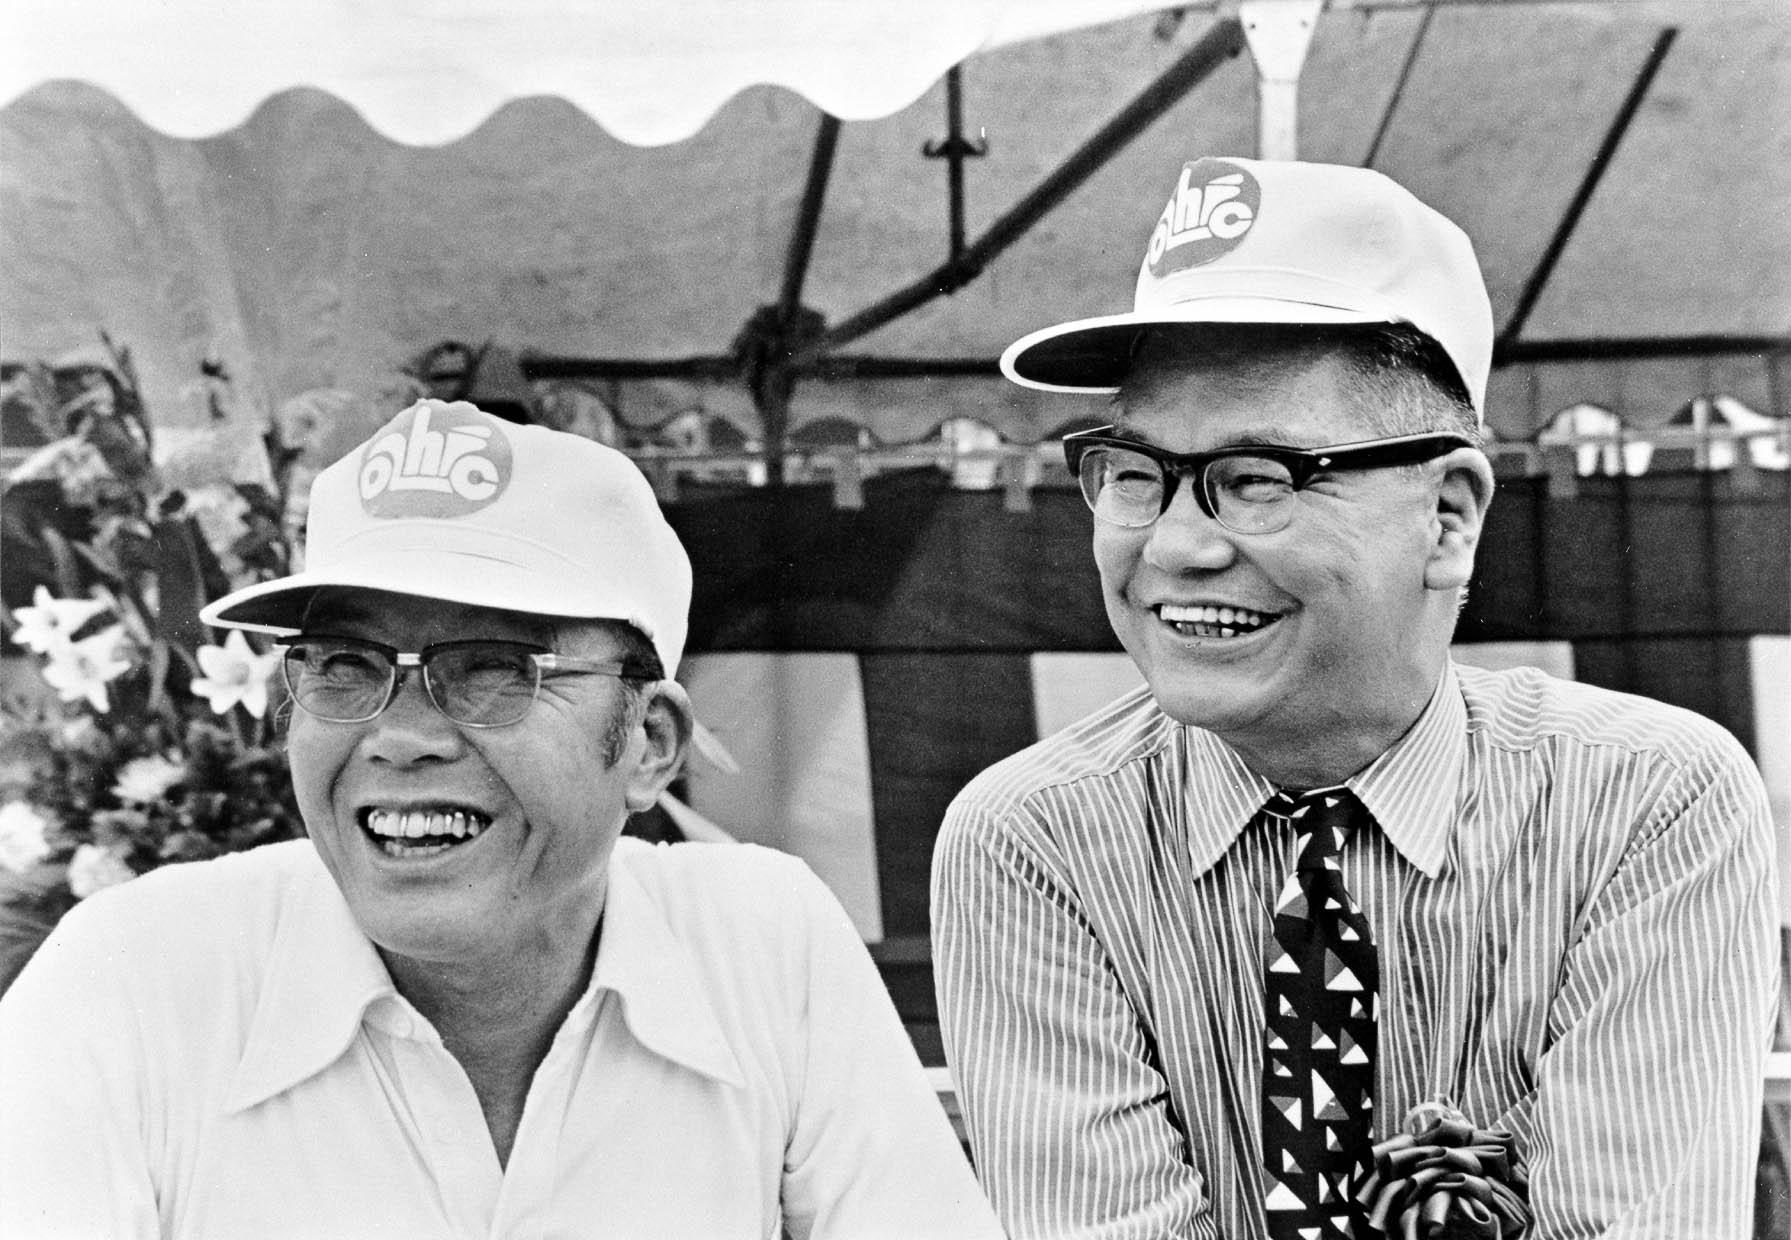 Wichtigster Geschäftspartner von Soichiro Honda war Takeo Fujisawa